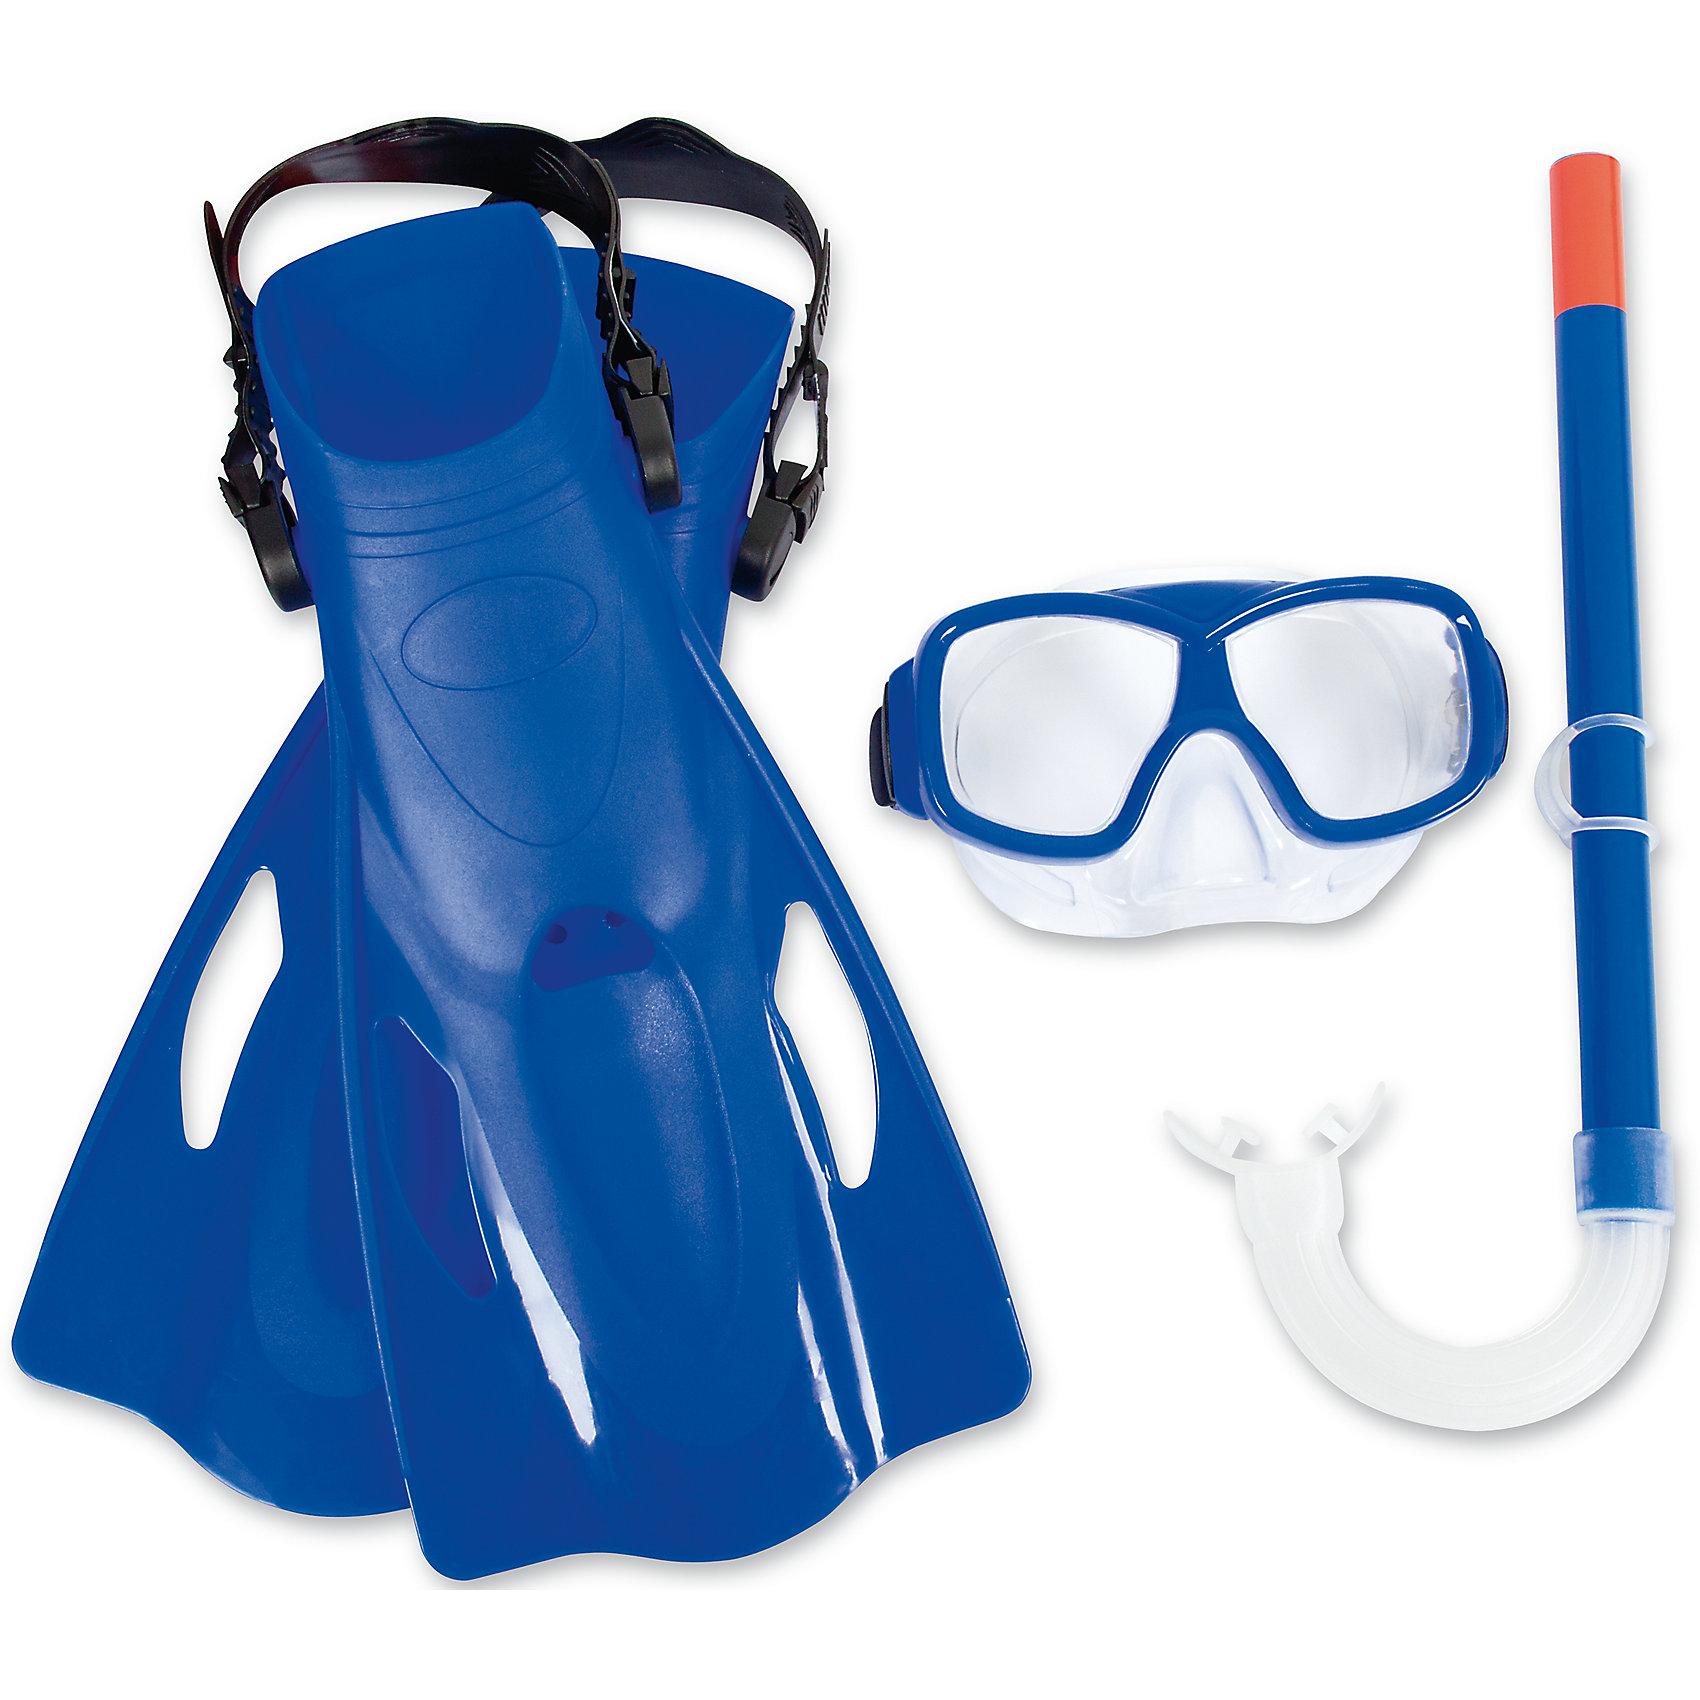 Набор для ныряния SureSwim подростковый, BestwayПодростковый набор для ныряния SureSwim, Bestway - отличный вариант для активного отдыха и увлекательных исследований подводного мира. В комплект входят маска для ныряния, трубка и ласты. Маска оснащена двойными линзами из поликарбоната с широким обзором без искажений, плотно прилегает к лицу и надёжно фиксируется регулируемым ремешком. Пластиковая трубка с мягким загубником и регулируемым фиксатором ремешка трубки позволяет оставаться под водой на протяжении длительного времени. Мягкие ласты для плавания улучшают положение тела в воде, увеличивают скорость, силу ног и гибкость суставов. Ласты фиксируются с помощью крепёжного ремешка на пятке, который позволяет регулировать размер от 39 до 42. Для детей от 7 лет. Цвета в ассортименте.<br><br>Дополнительная информация:<br><br>- Материал: поликарбонат, пластик, резина/латекс.<br>- Размер упаковки: 41 х 11 х 21 см.<br>- Вес: 0,614 кг.<br><br>Набор для ныряния SureSwim подростковый, Bestway, можно купить в нашем интернет-магазине.<br><br>Ширина мм: 3600<br>Глубина мм: 1800<br>Высота мм: 1150<br>Вес г: 614<br>Возраст от месяцев: 96<br>Возраст до месяцев: 168<br>Пол: Унисекс<br>Возраст: Детский<br>SKU: 4632850